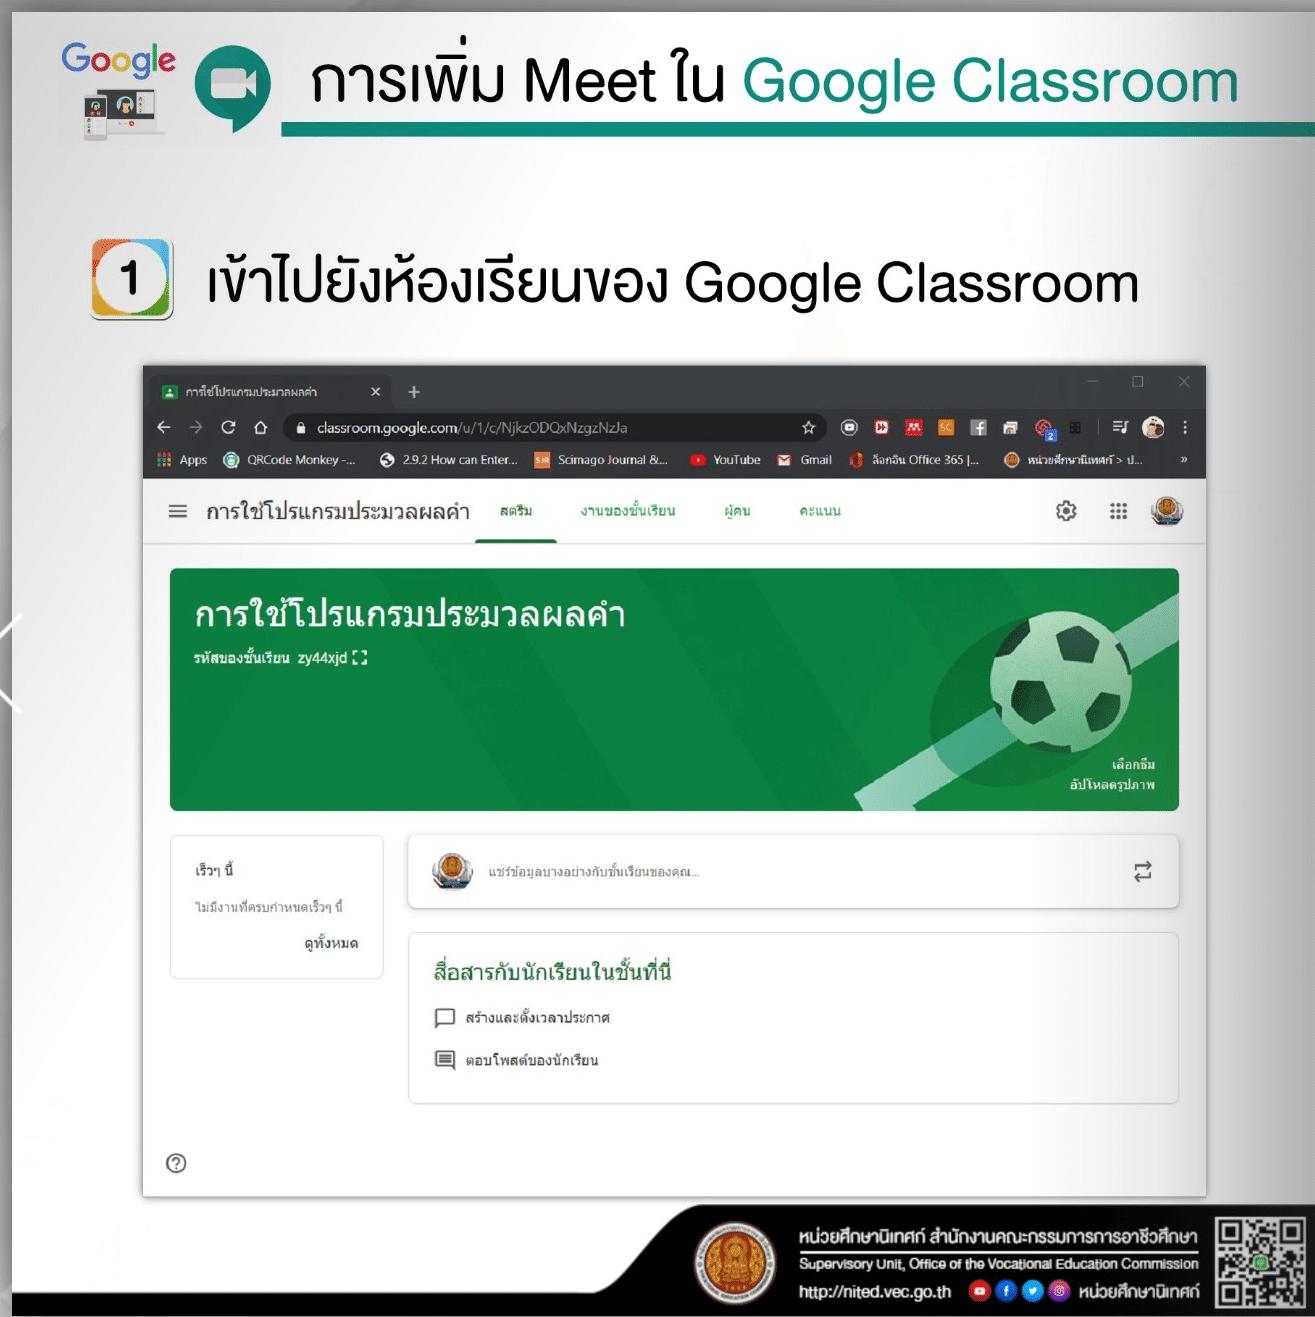 การเพิ่มลิงก์ Hangouts Meet ลงใน Google Classroom